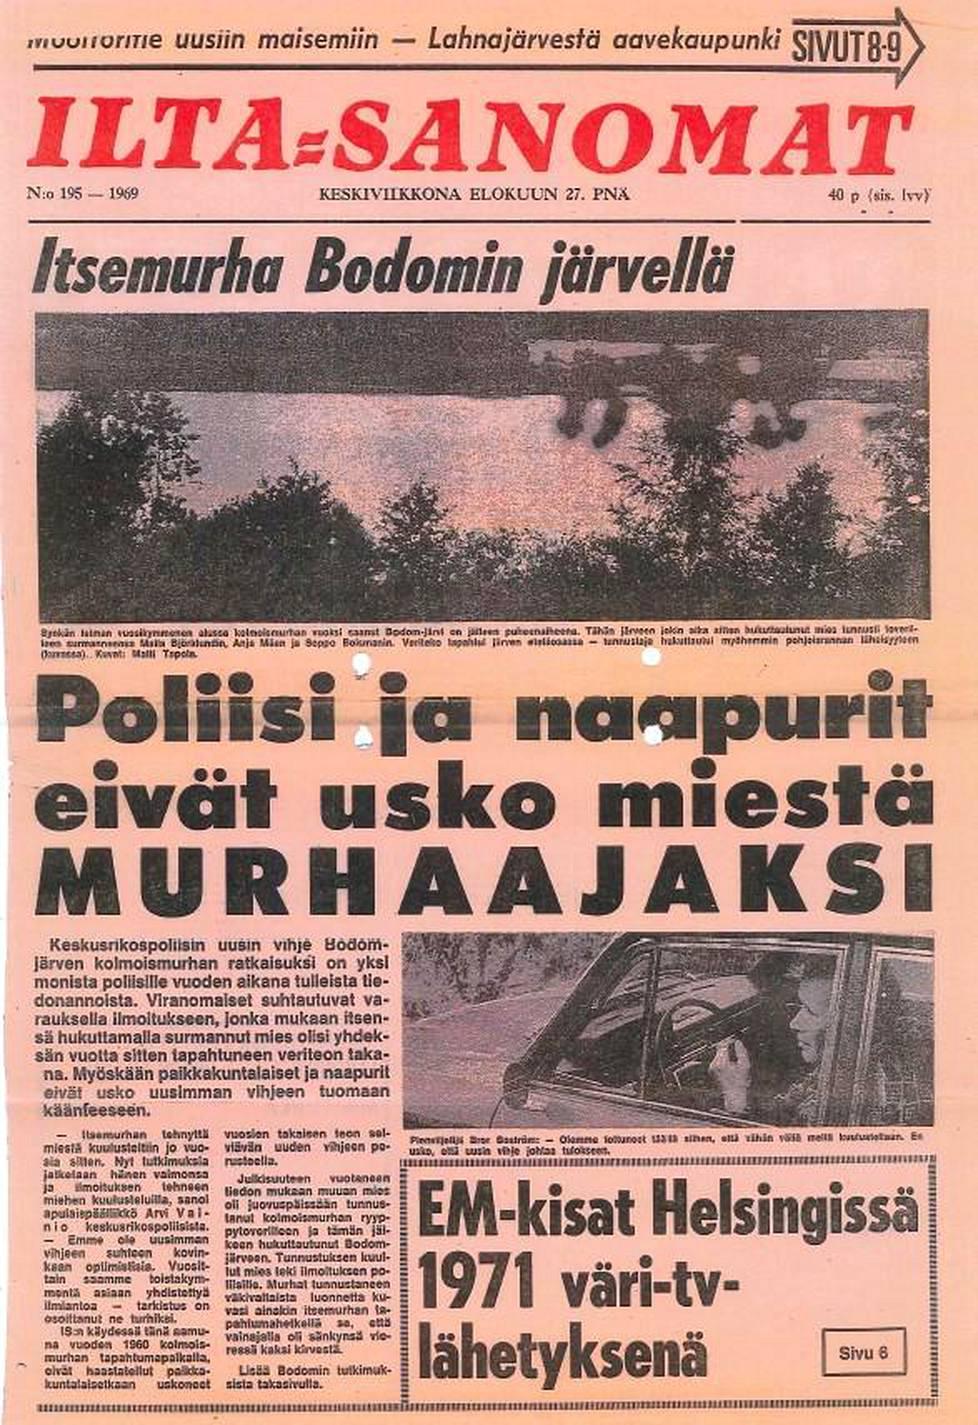 Ilta-Sanomat 27.8.1969.